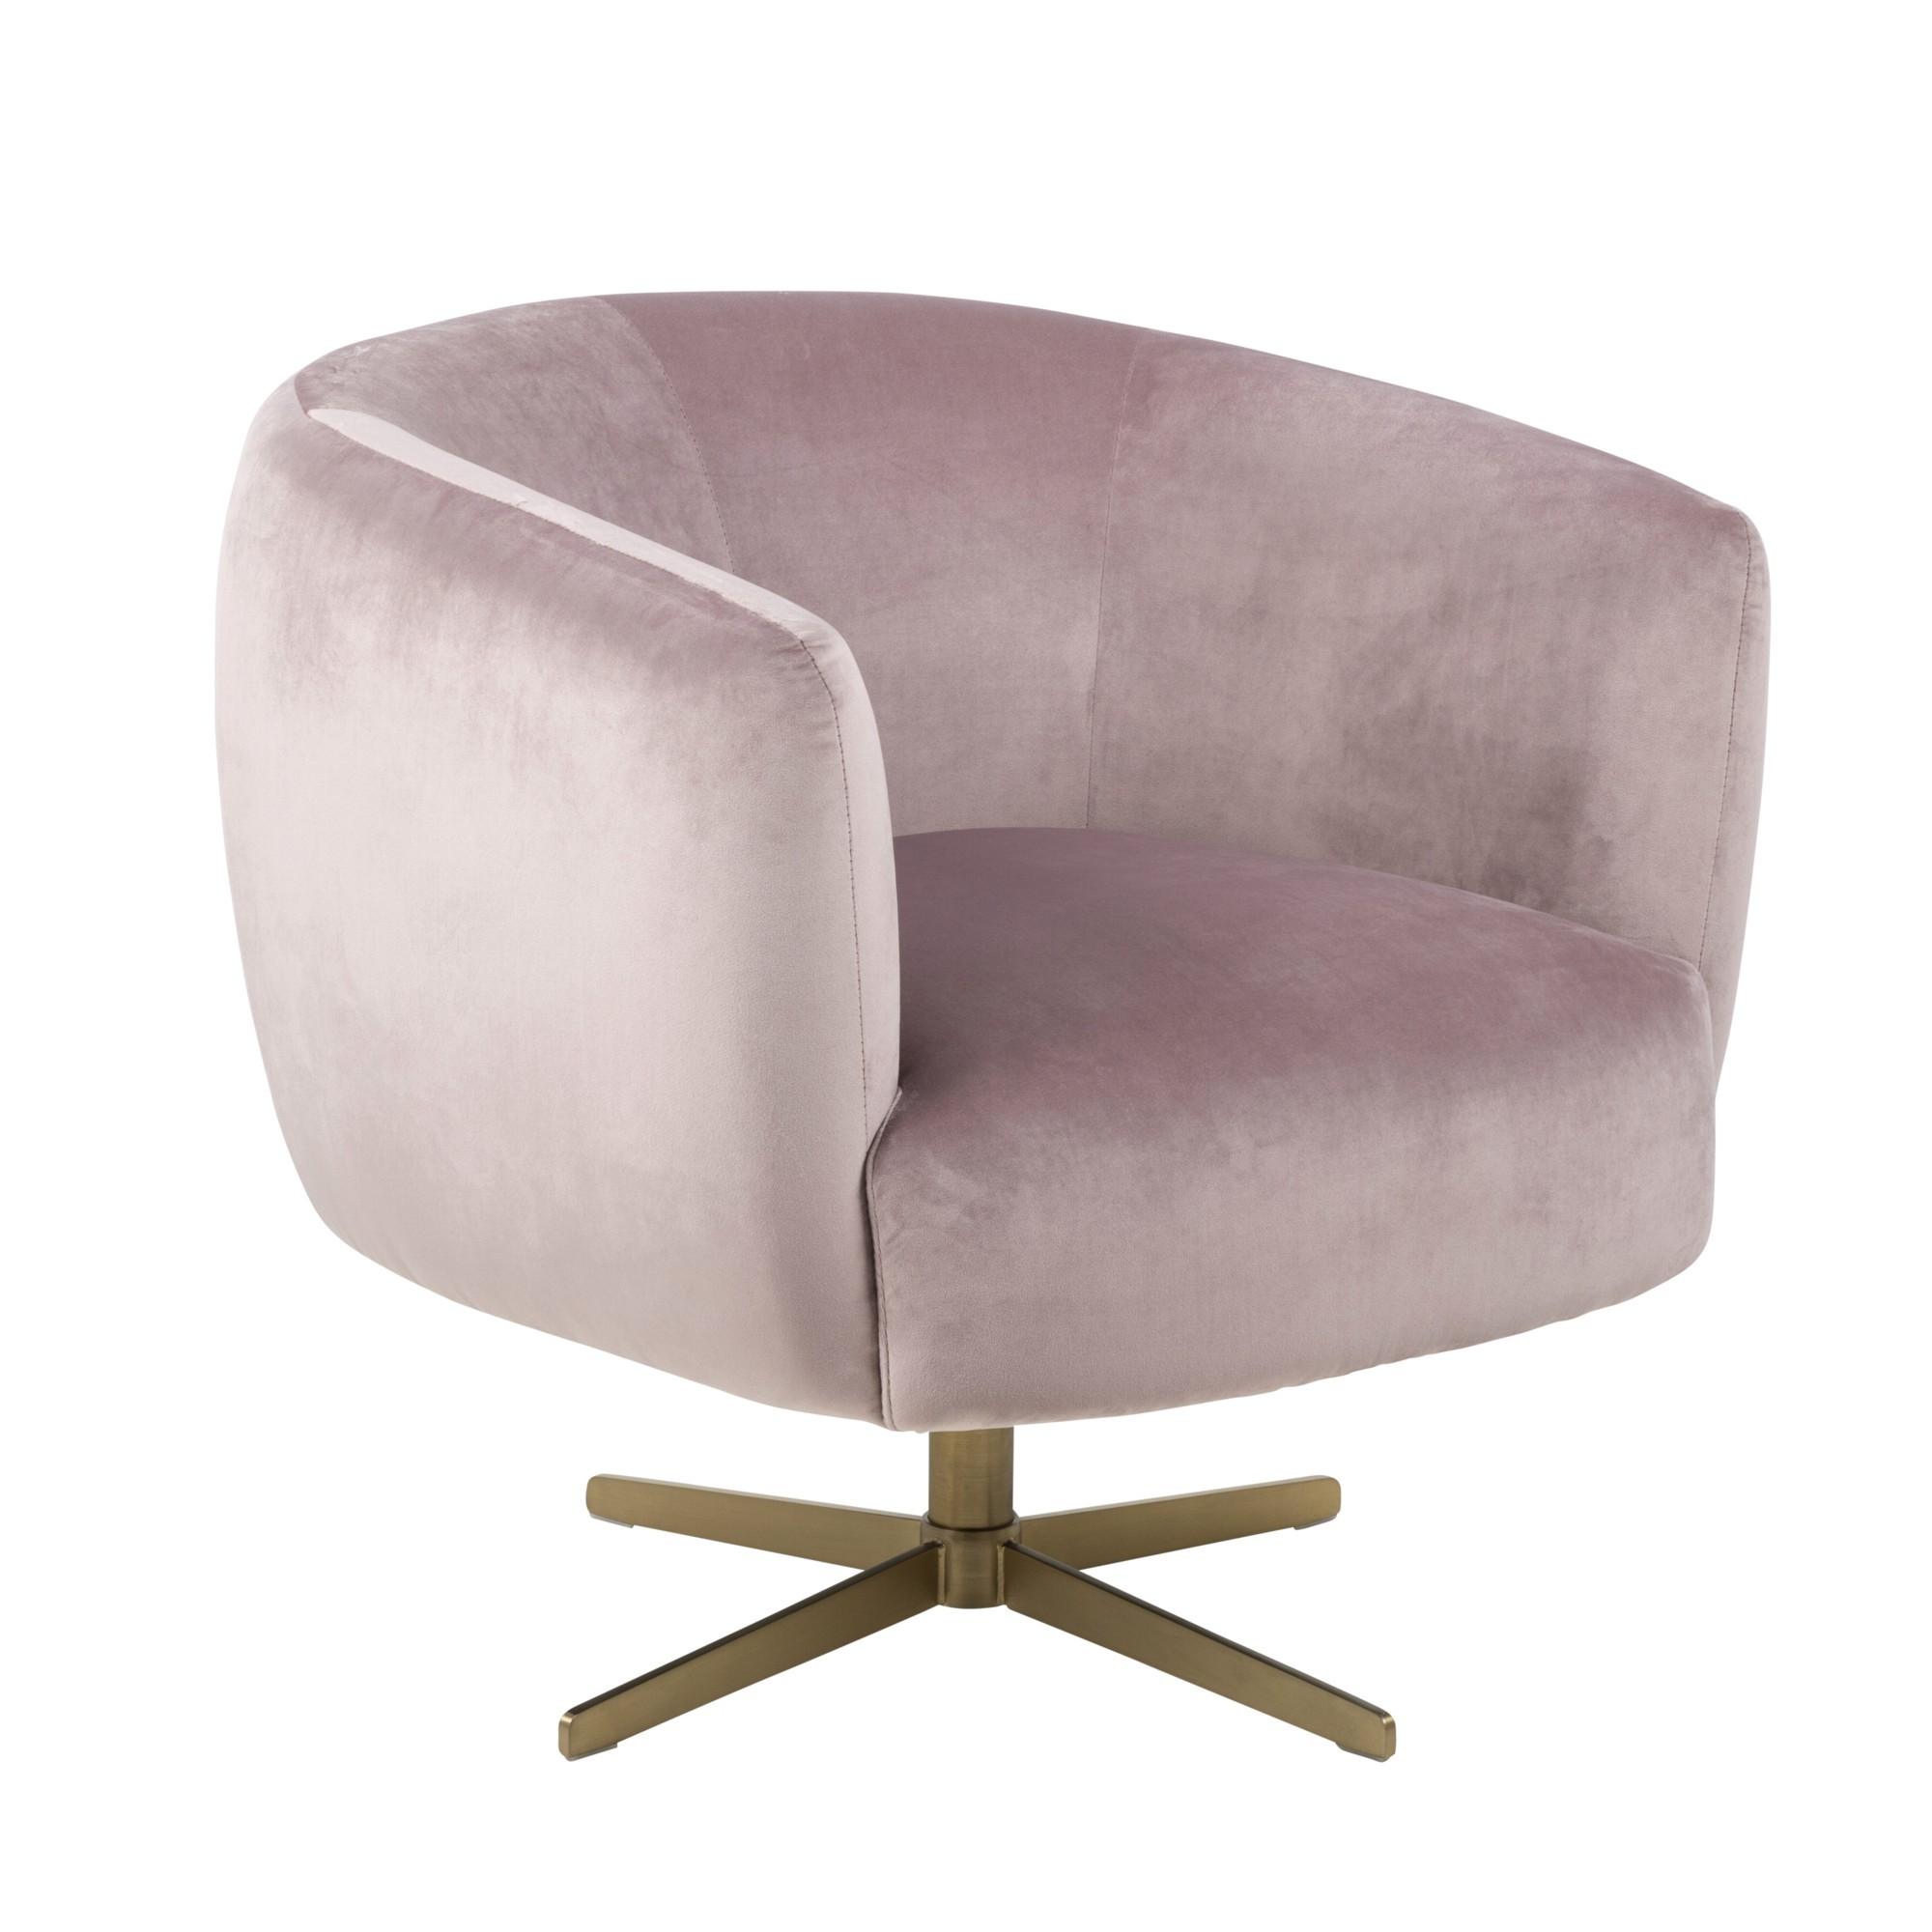 Braelynn Velvet Fabric Swivel Tub Chair, Dusty Rose